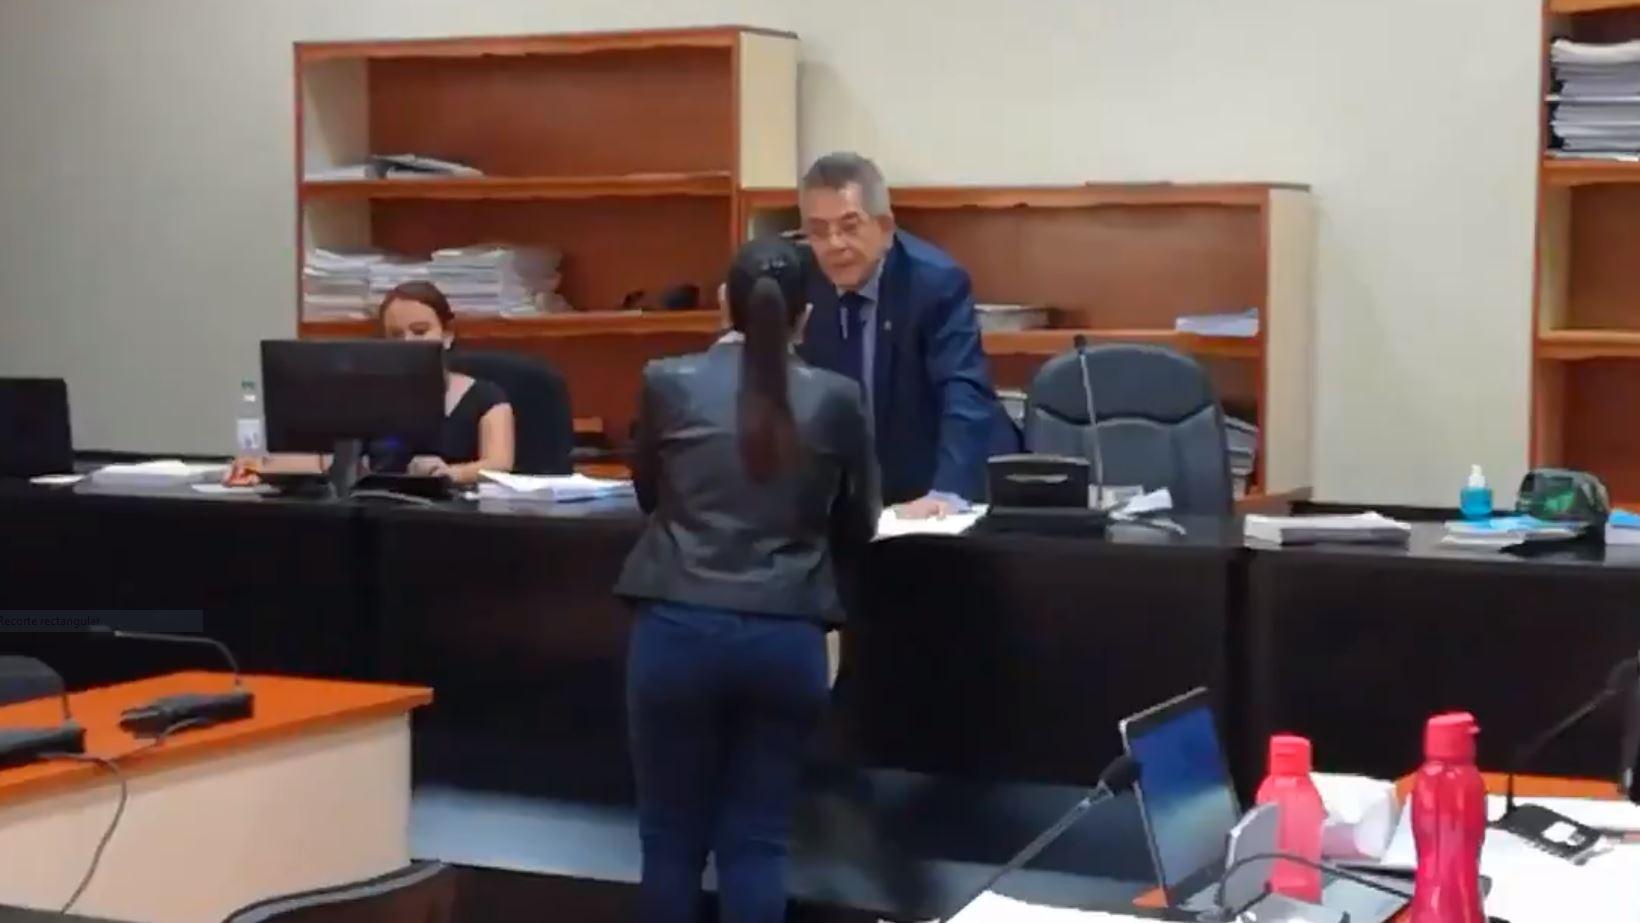 La exvicepresidenta Roxana Baldetti conversó con el juez Miguel Gálvez. (Foto Prensa Libre: Sucely Contreras/Guatevisión)